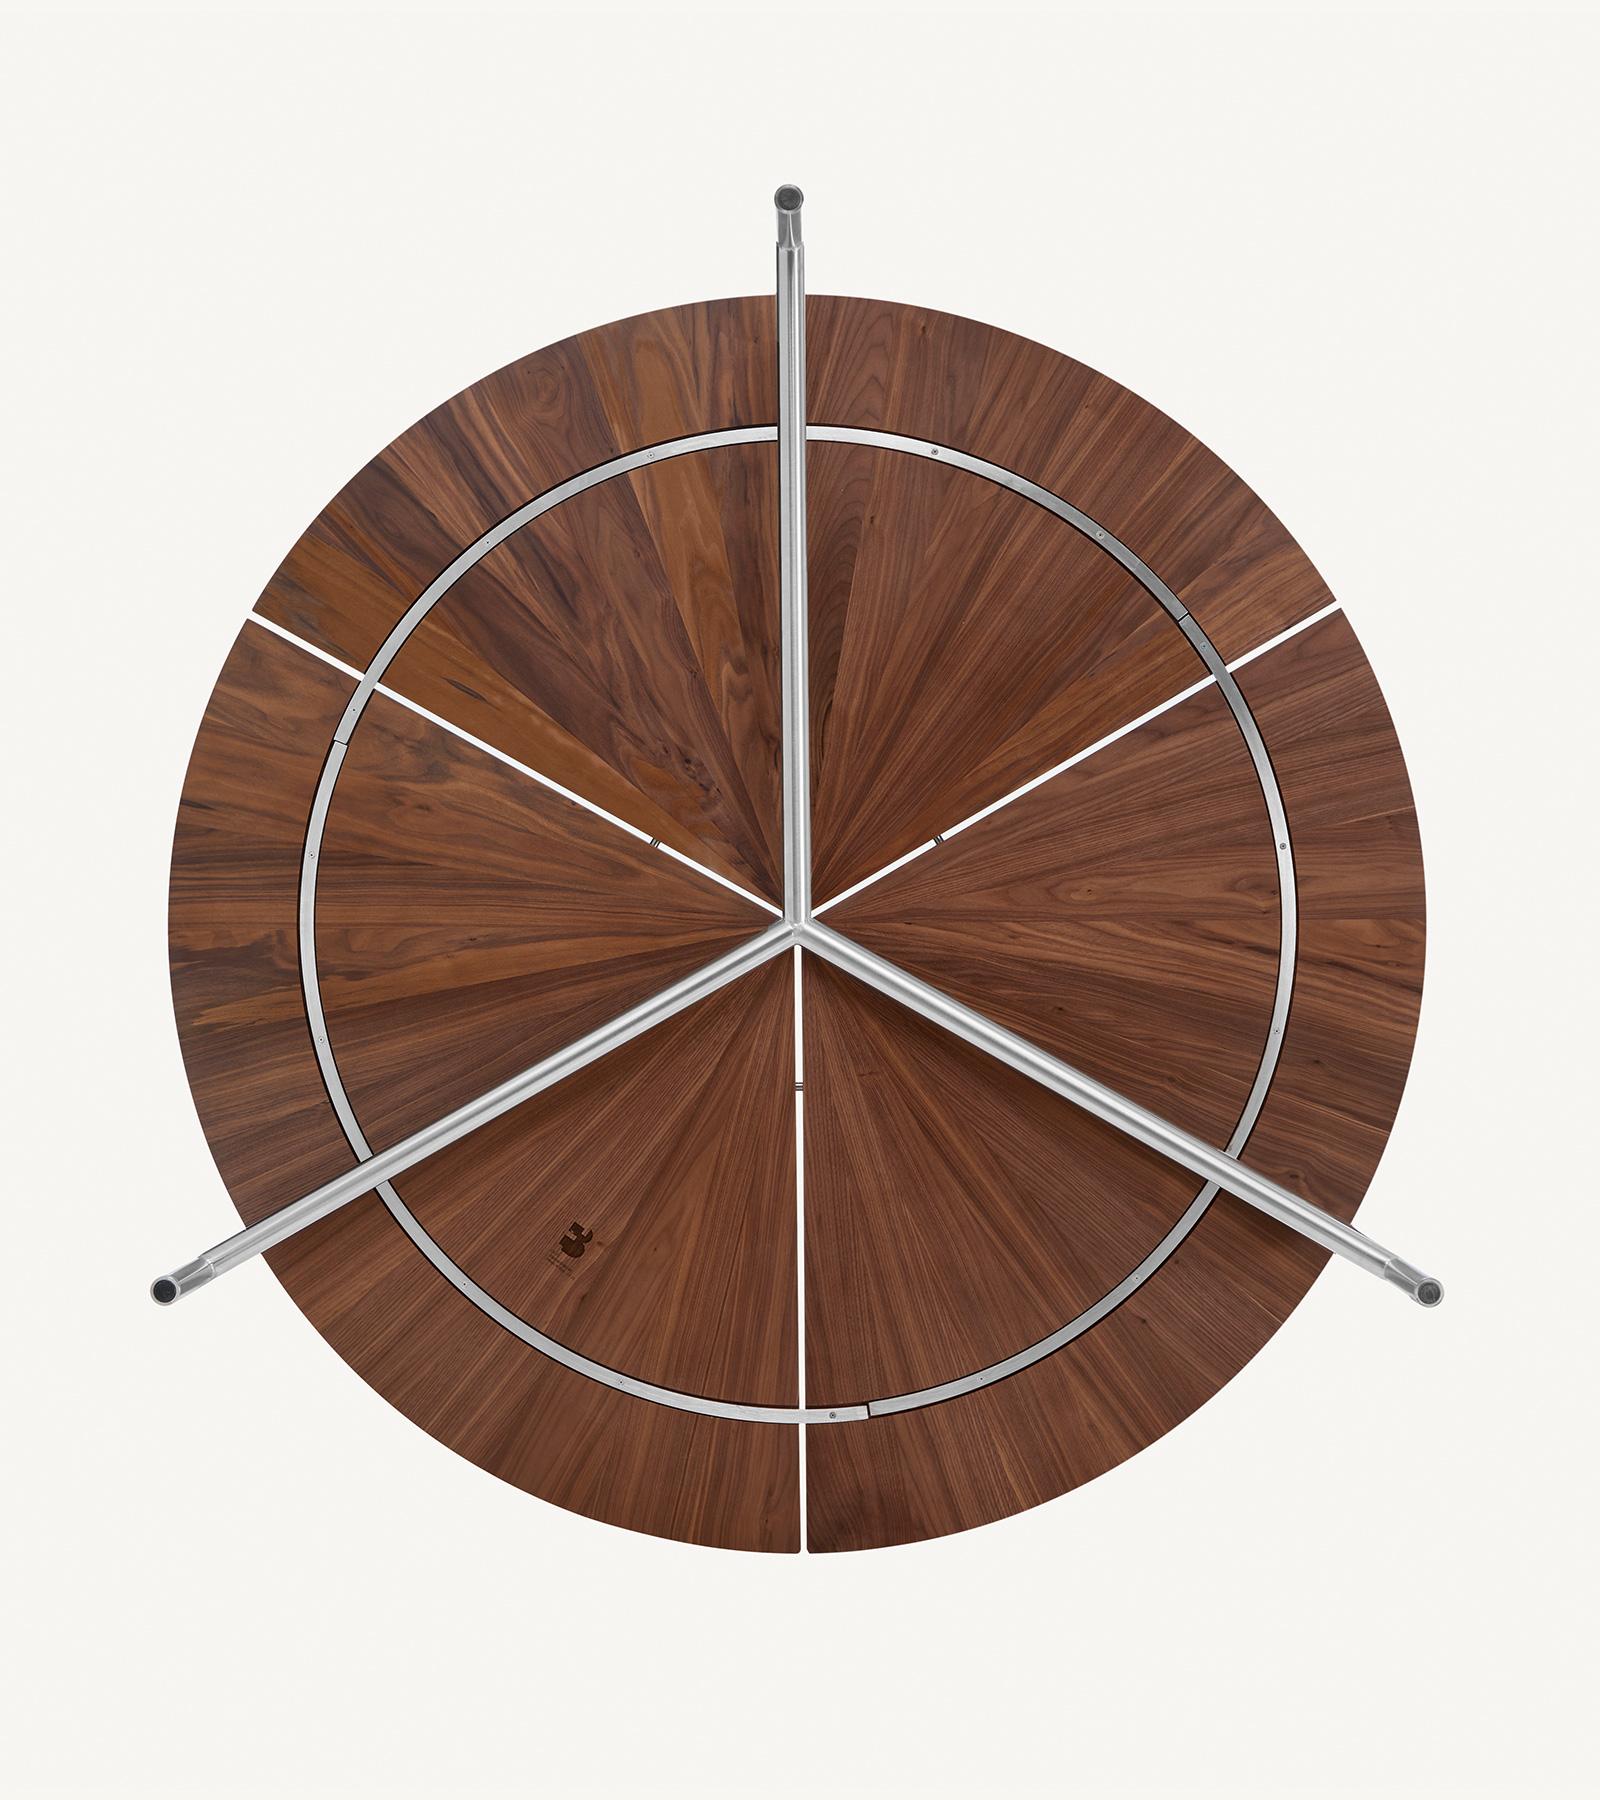 TinnappleMetz-bassamfellows-Circular-Dining-Table-04